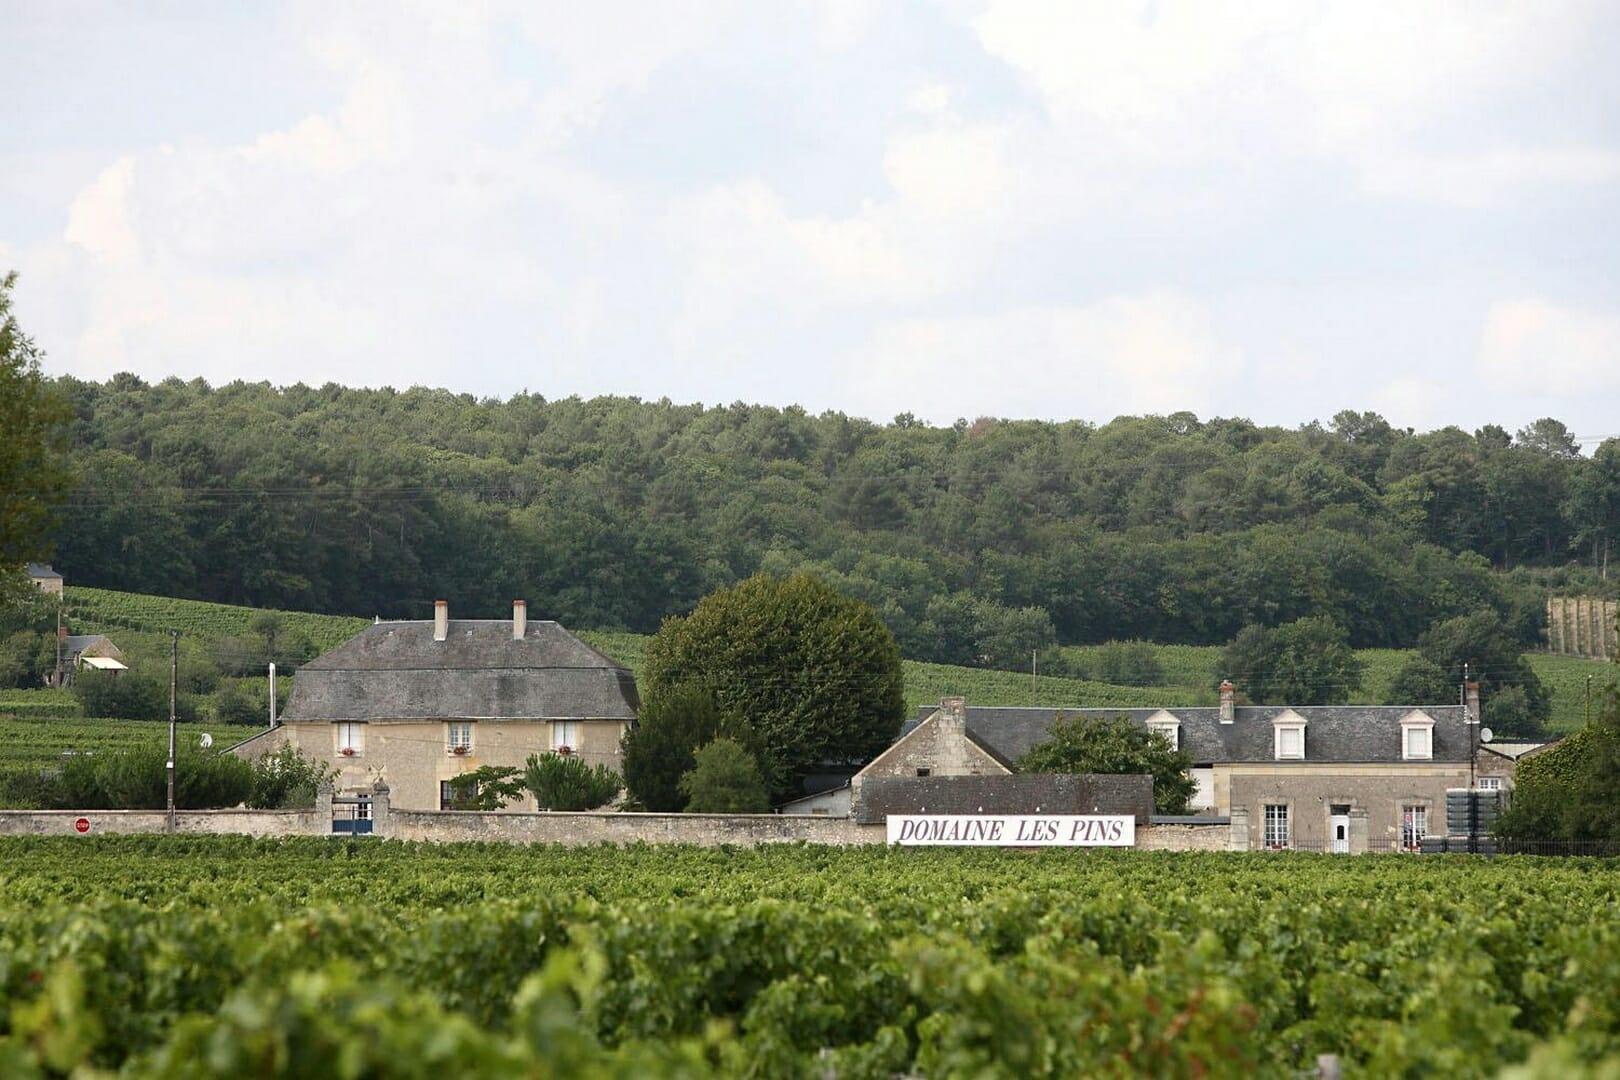 Domaine Les Pins